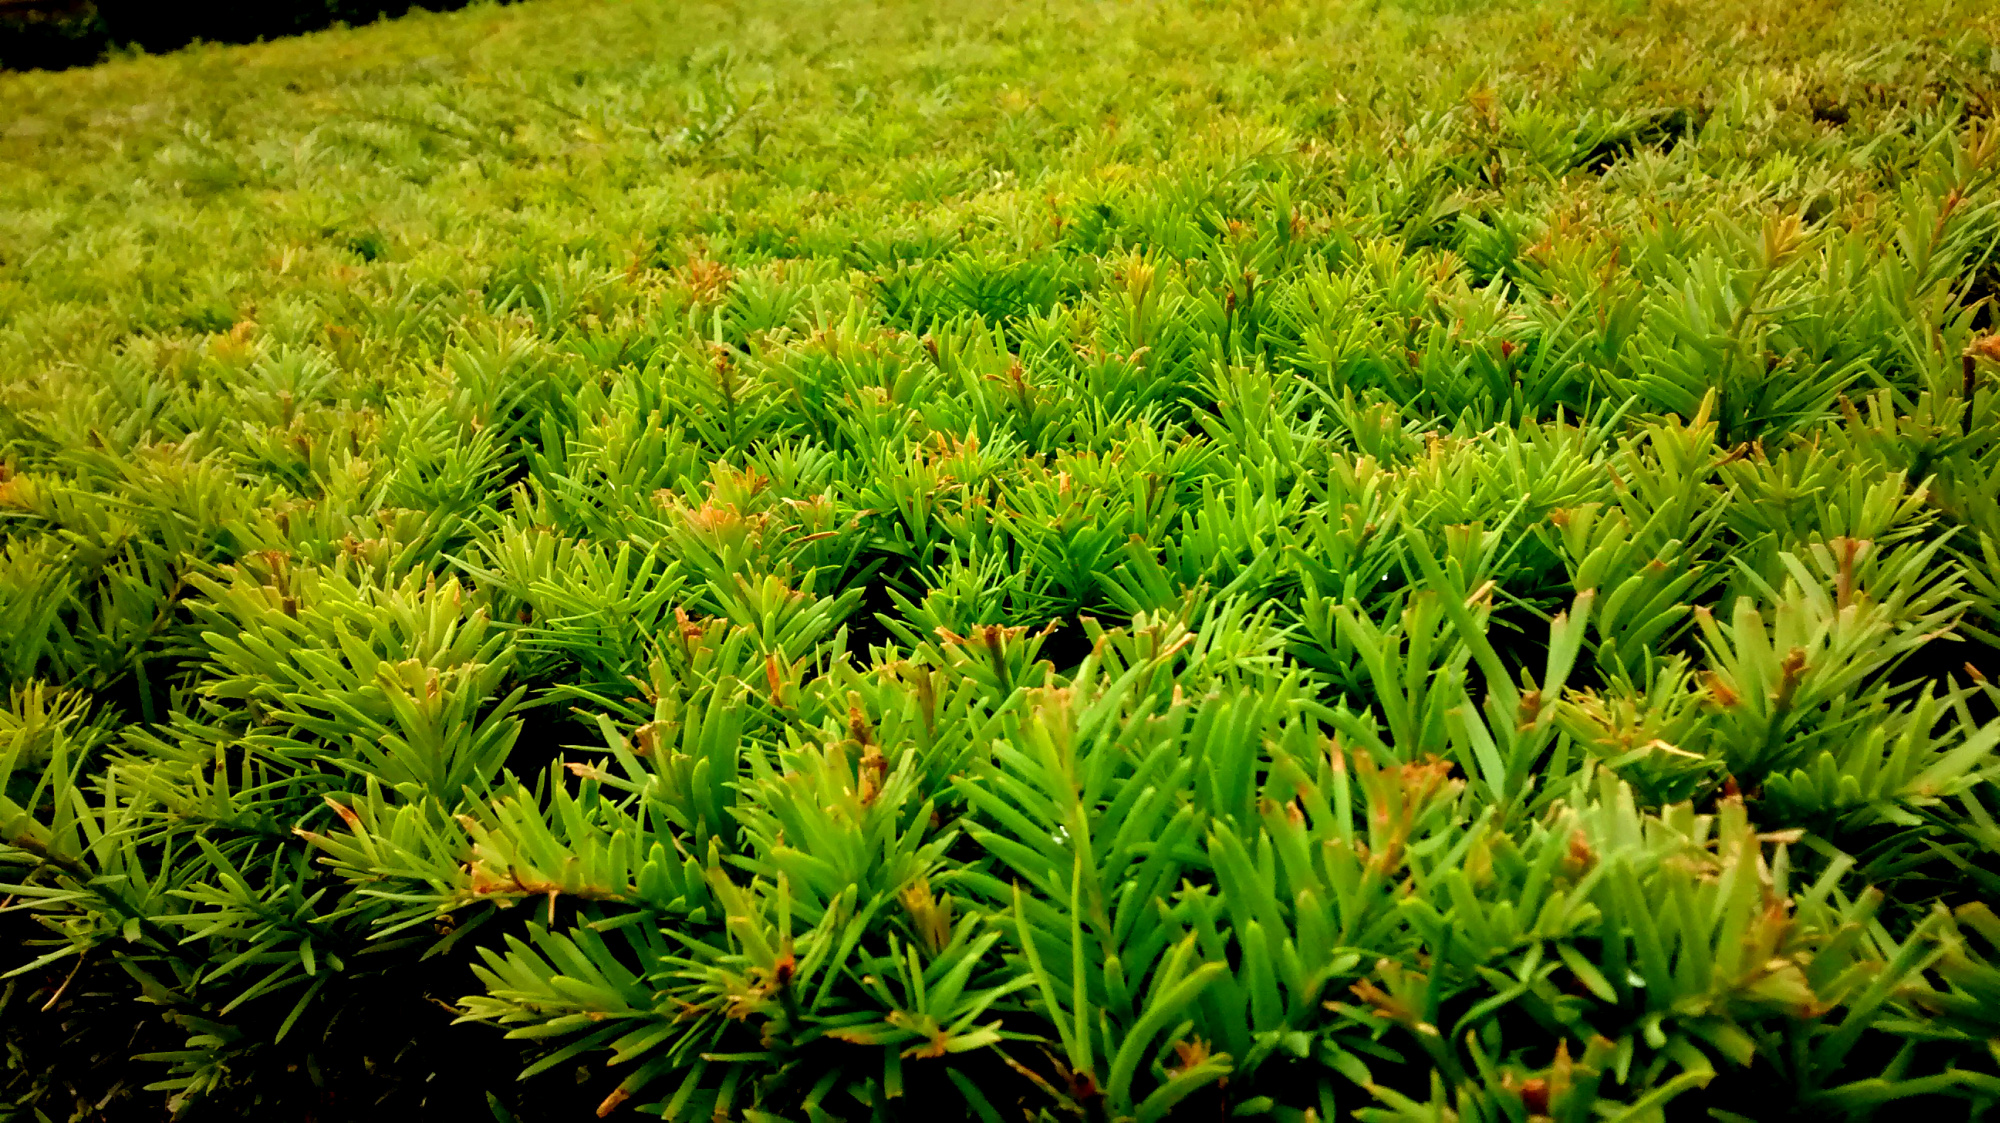 Lawn outside office